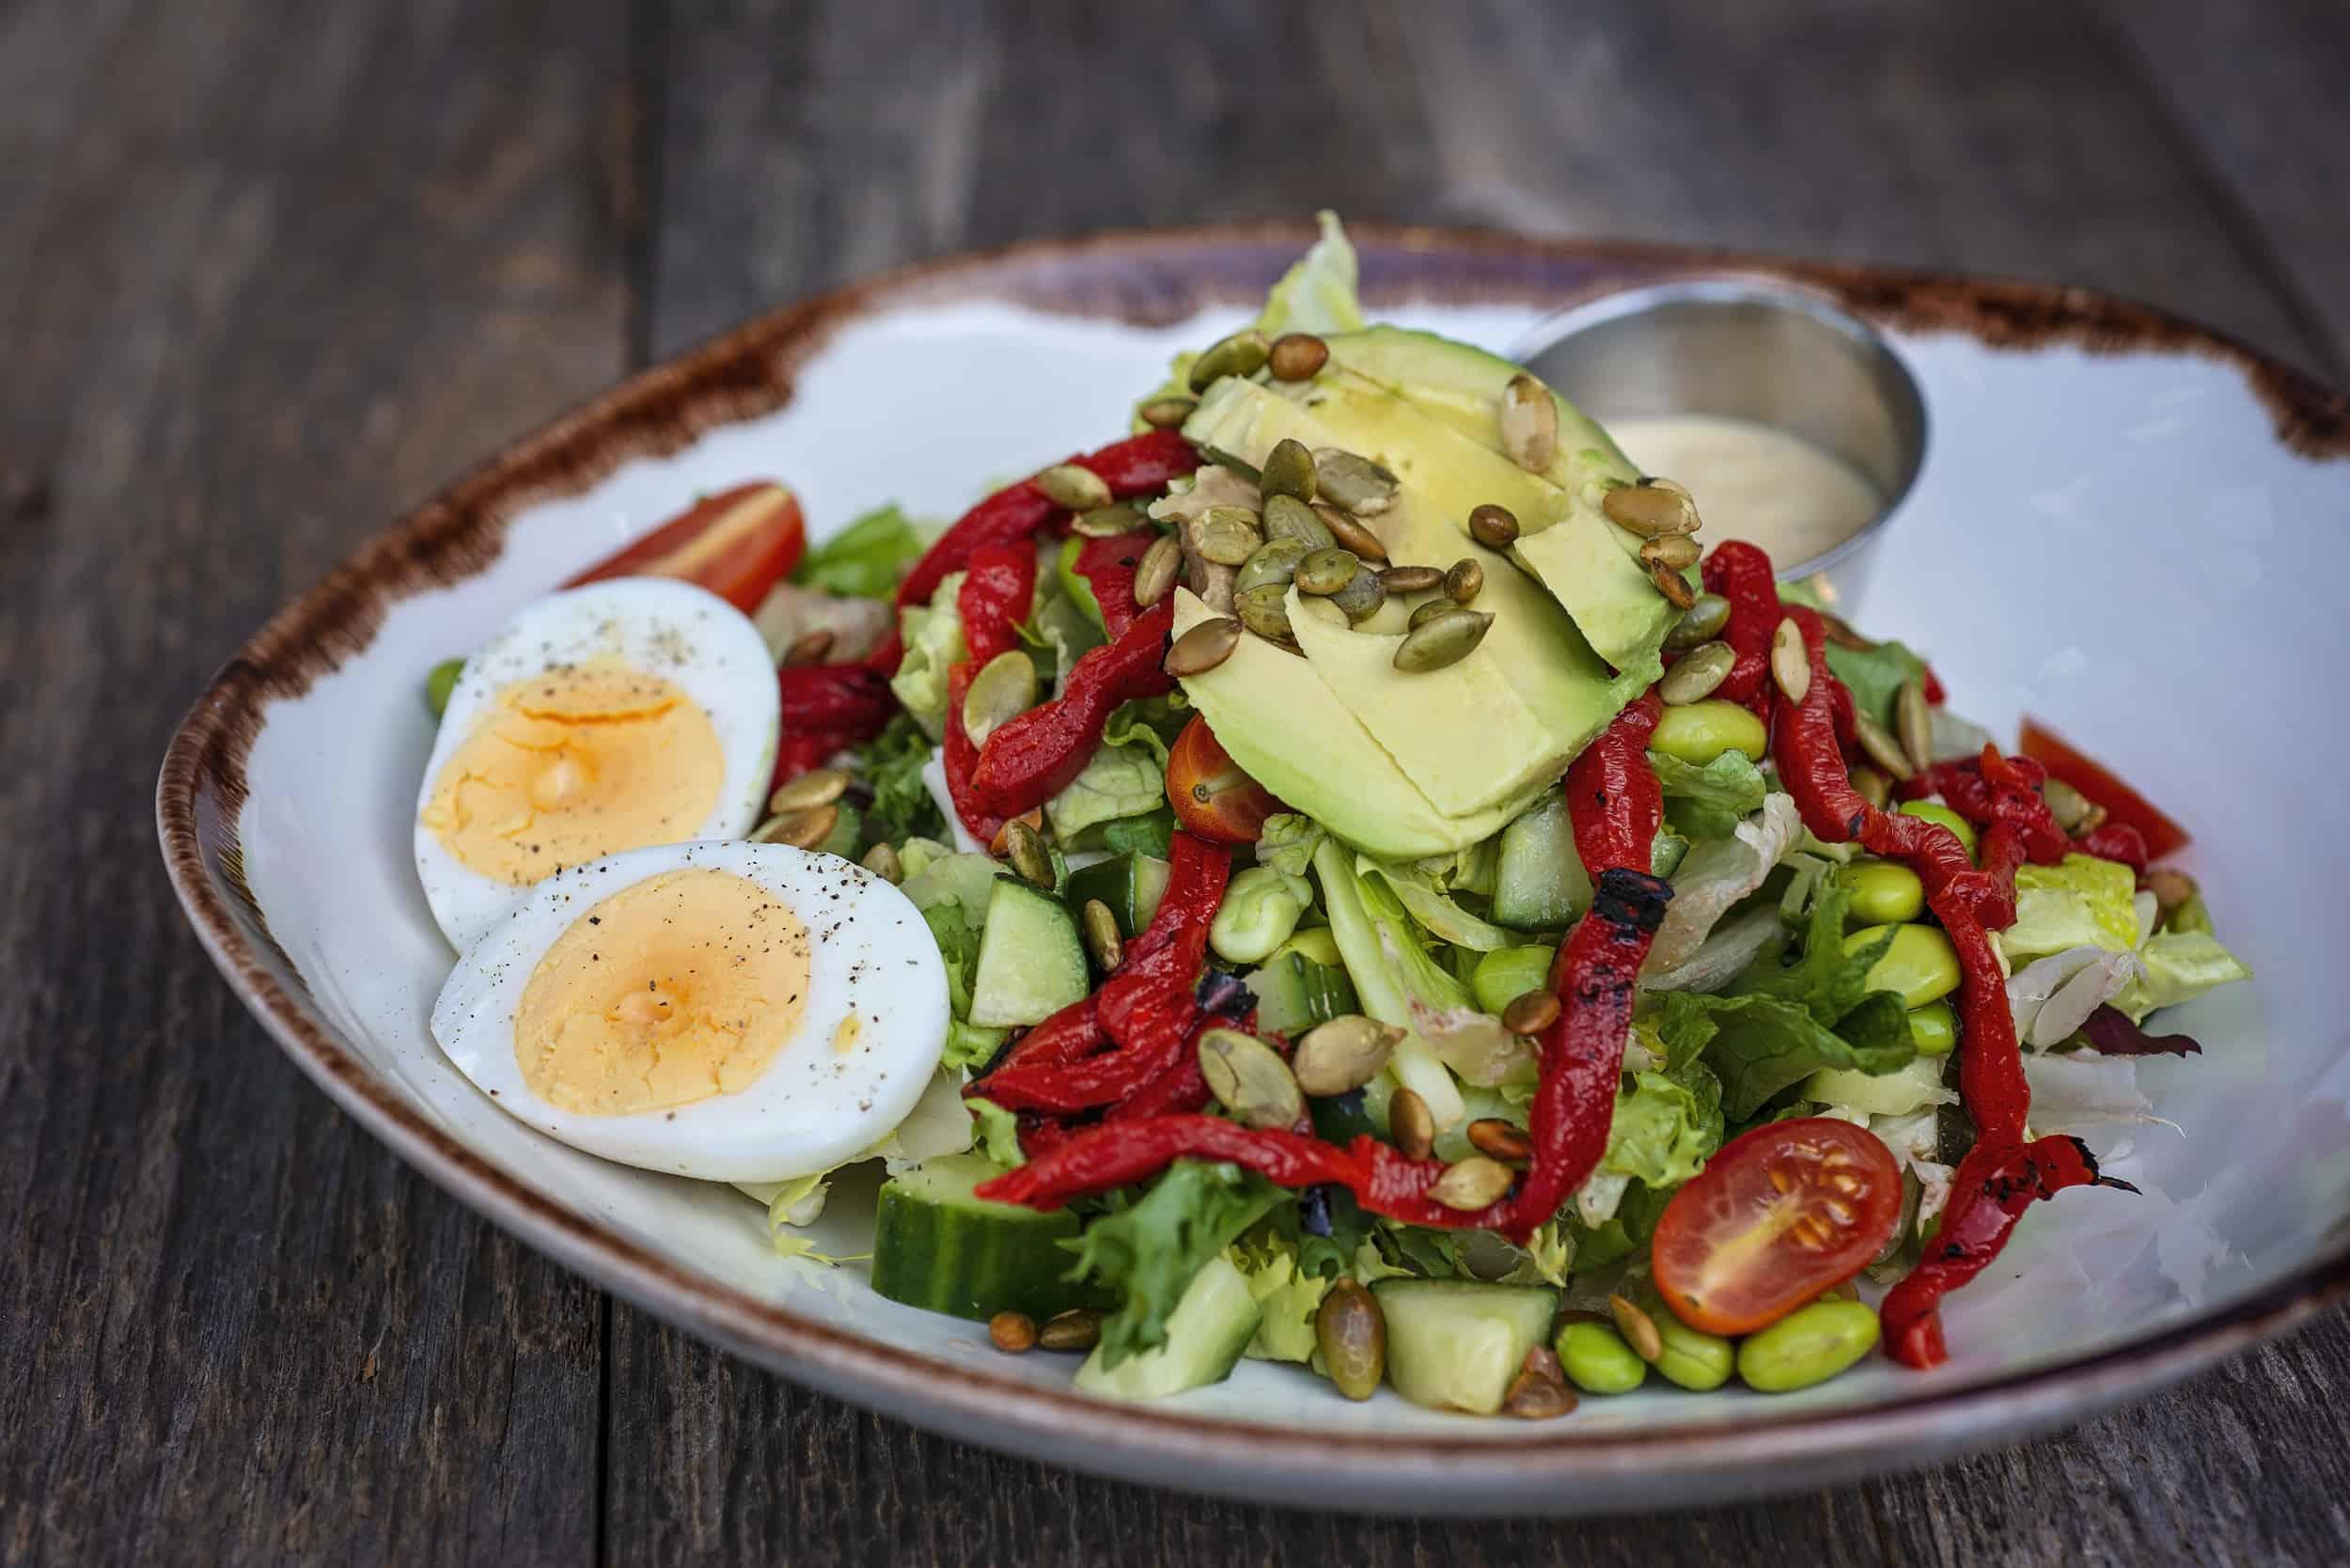 Qualicum Beach Cafe Chef Salad